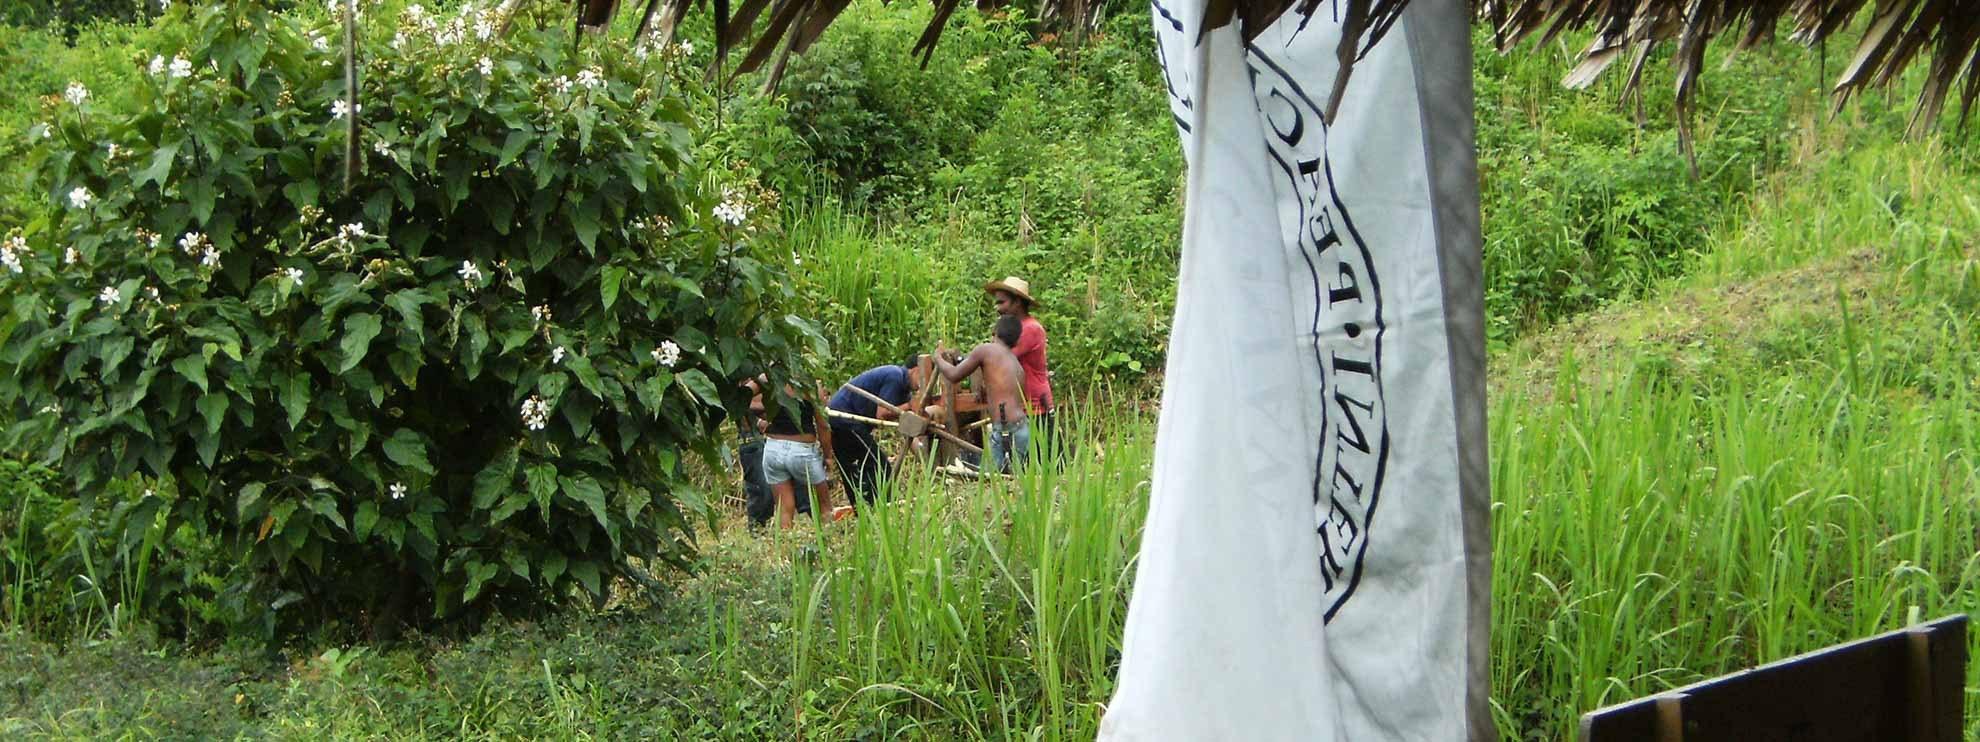 Communauté pour la paix San José de Apartadó © Amnesty International, Hendrine Rotthier